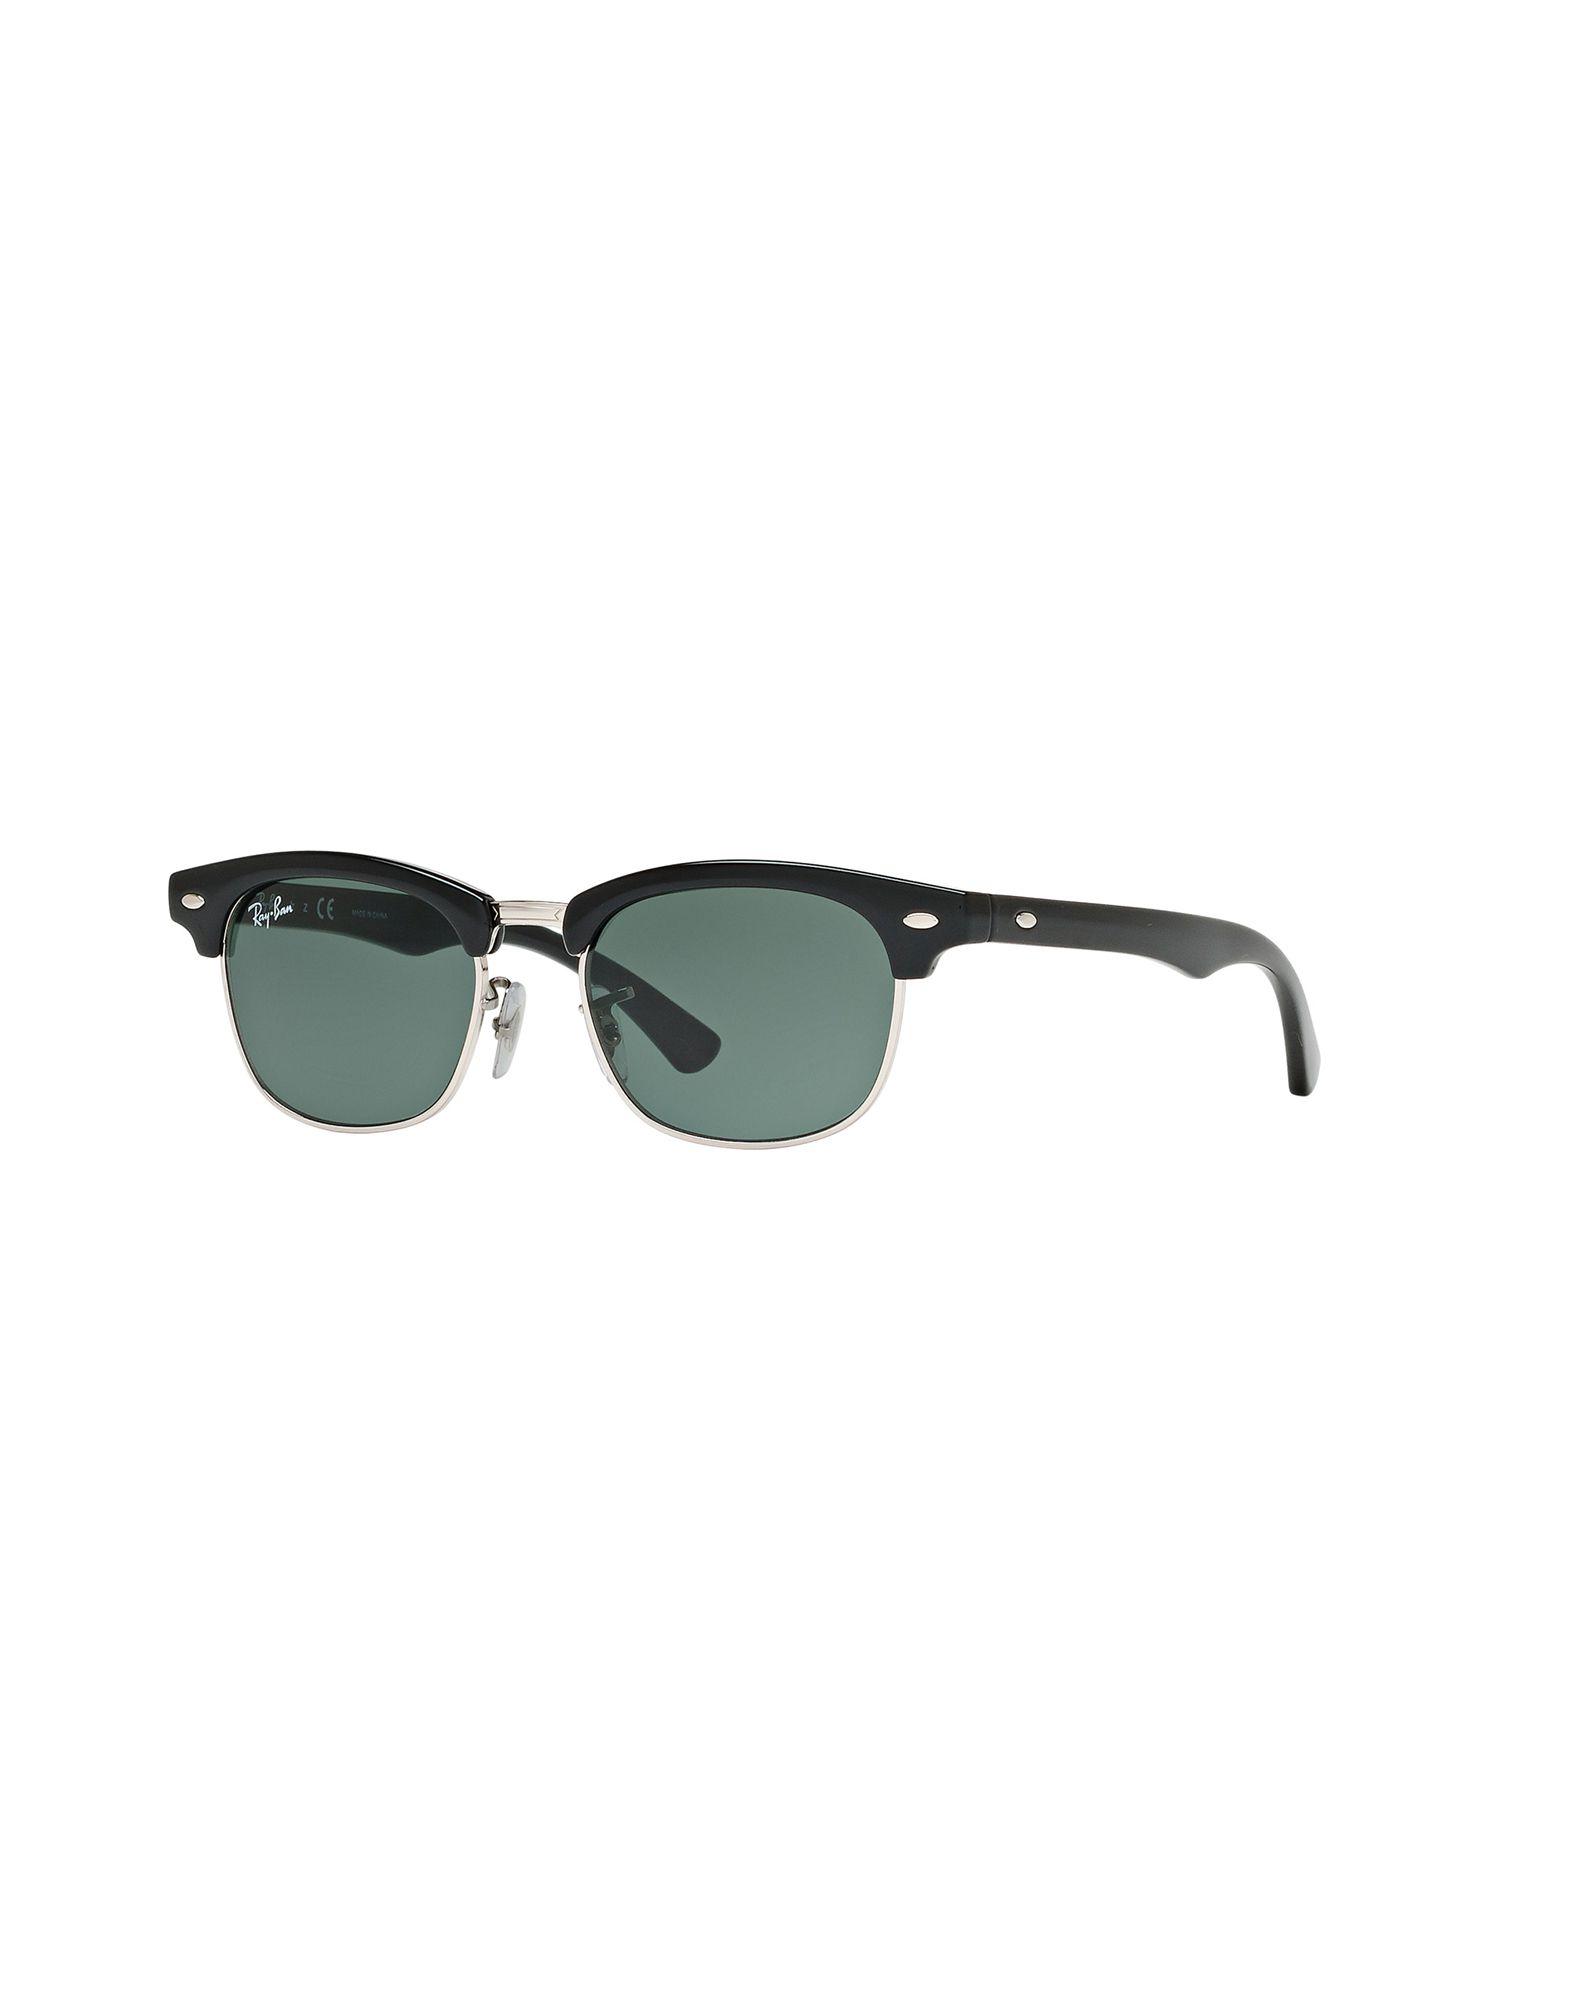 RAY-BAN JUNIOR Солнечные очки линзы цветные для глаз заказать